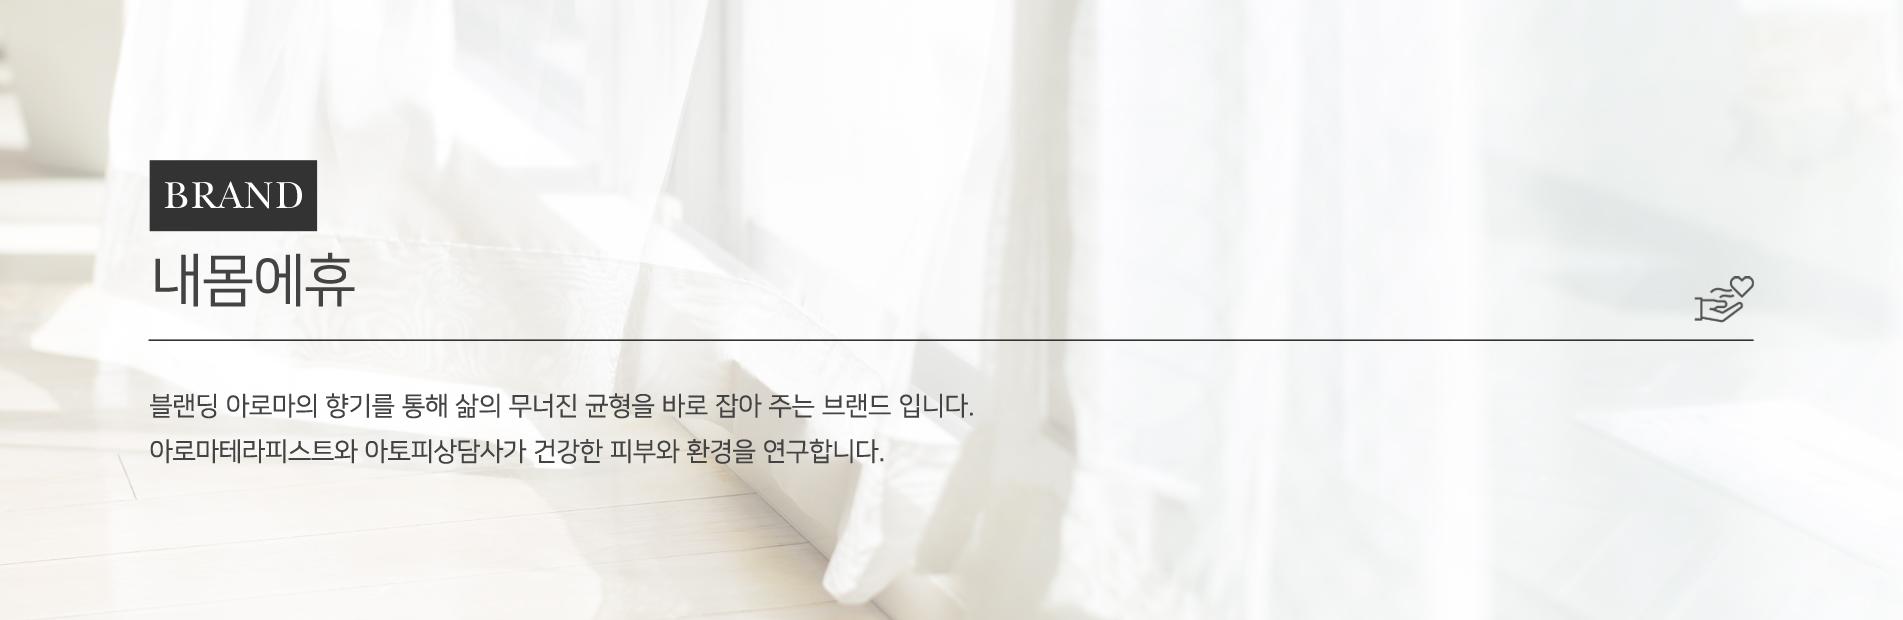 30밀리스토어 소셜가 내몸에 휴 브랜드 소개